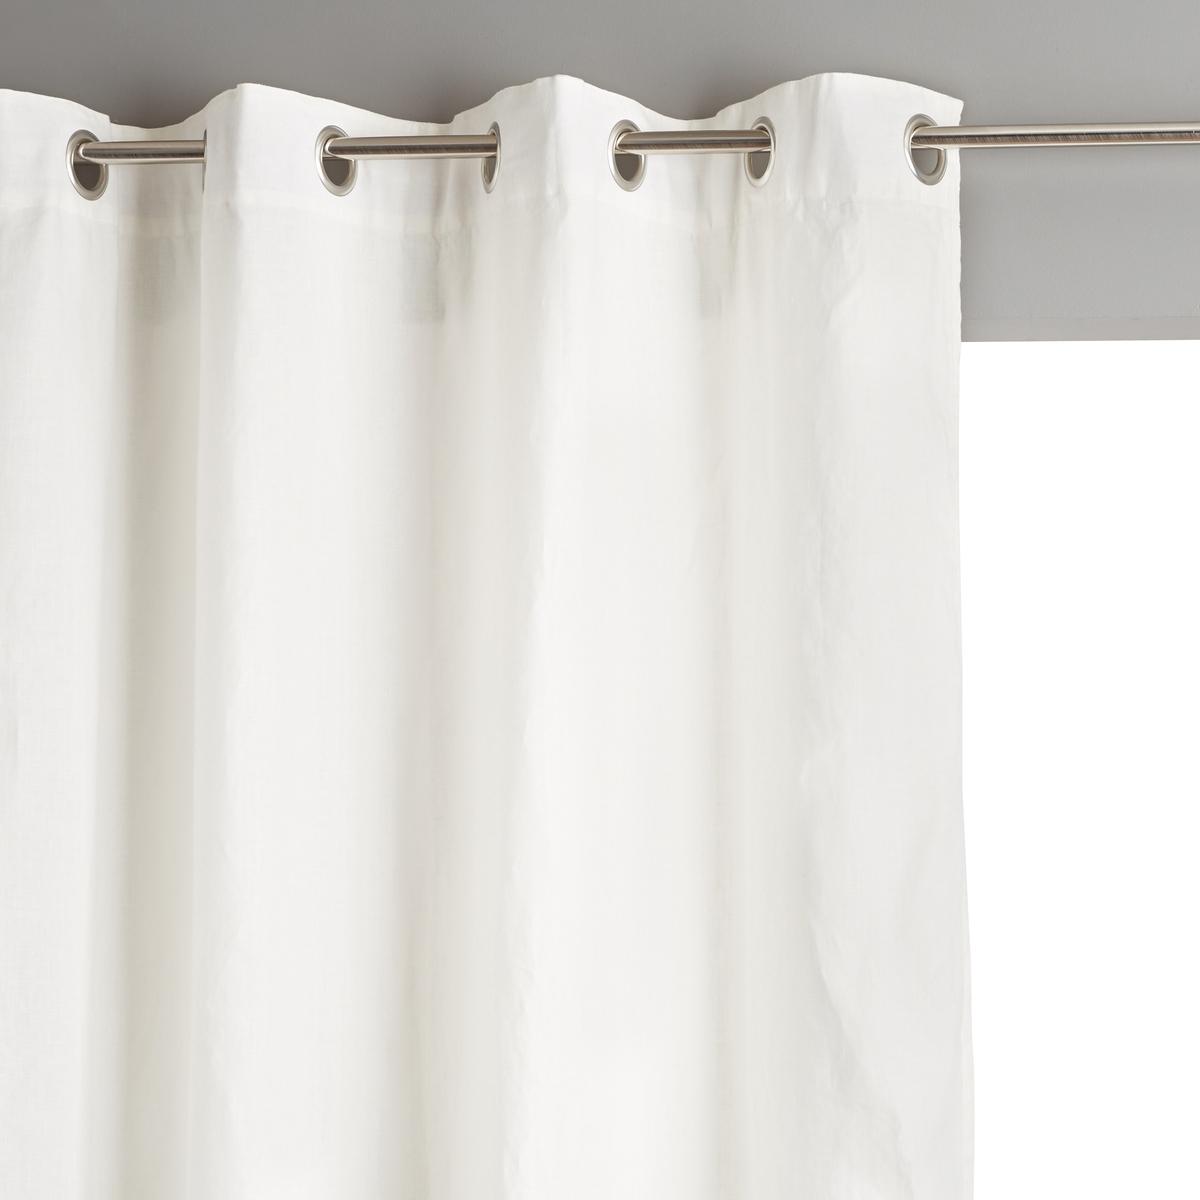 Штора LaRedoute Из льна с металлическими люверсами Private 140 x 260 см белый скатерть laredoute из льна linette 180 x 350 см белый